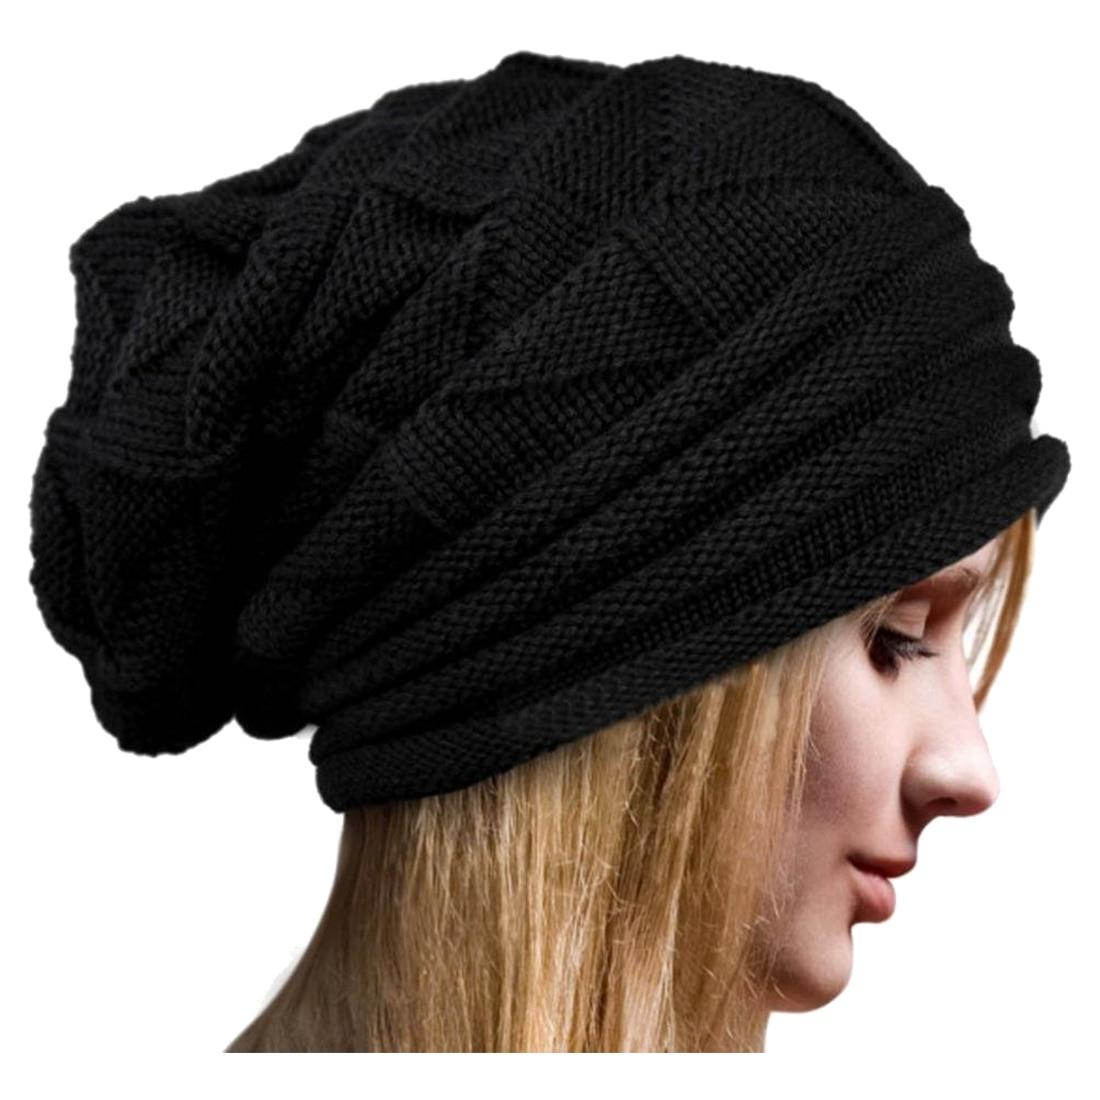 New Women Unisex Winter Crochet Hat Ski woolen yarn Knit Beanie Warm Caps Oversized, Black warm keeping woolen yarn hat w mouth mask black grey